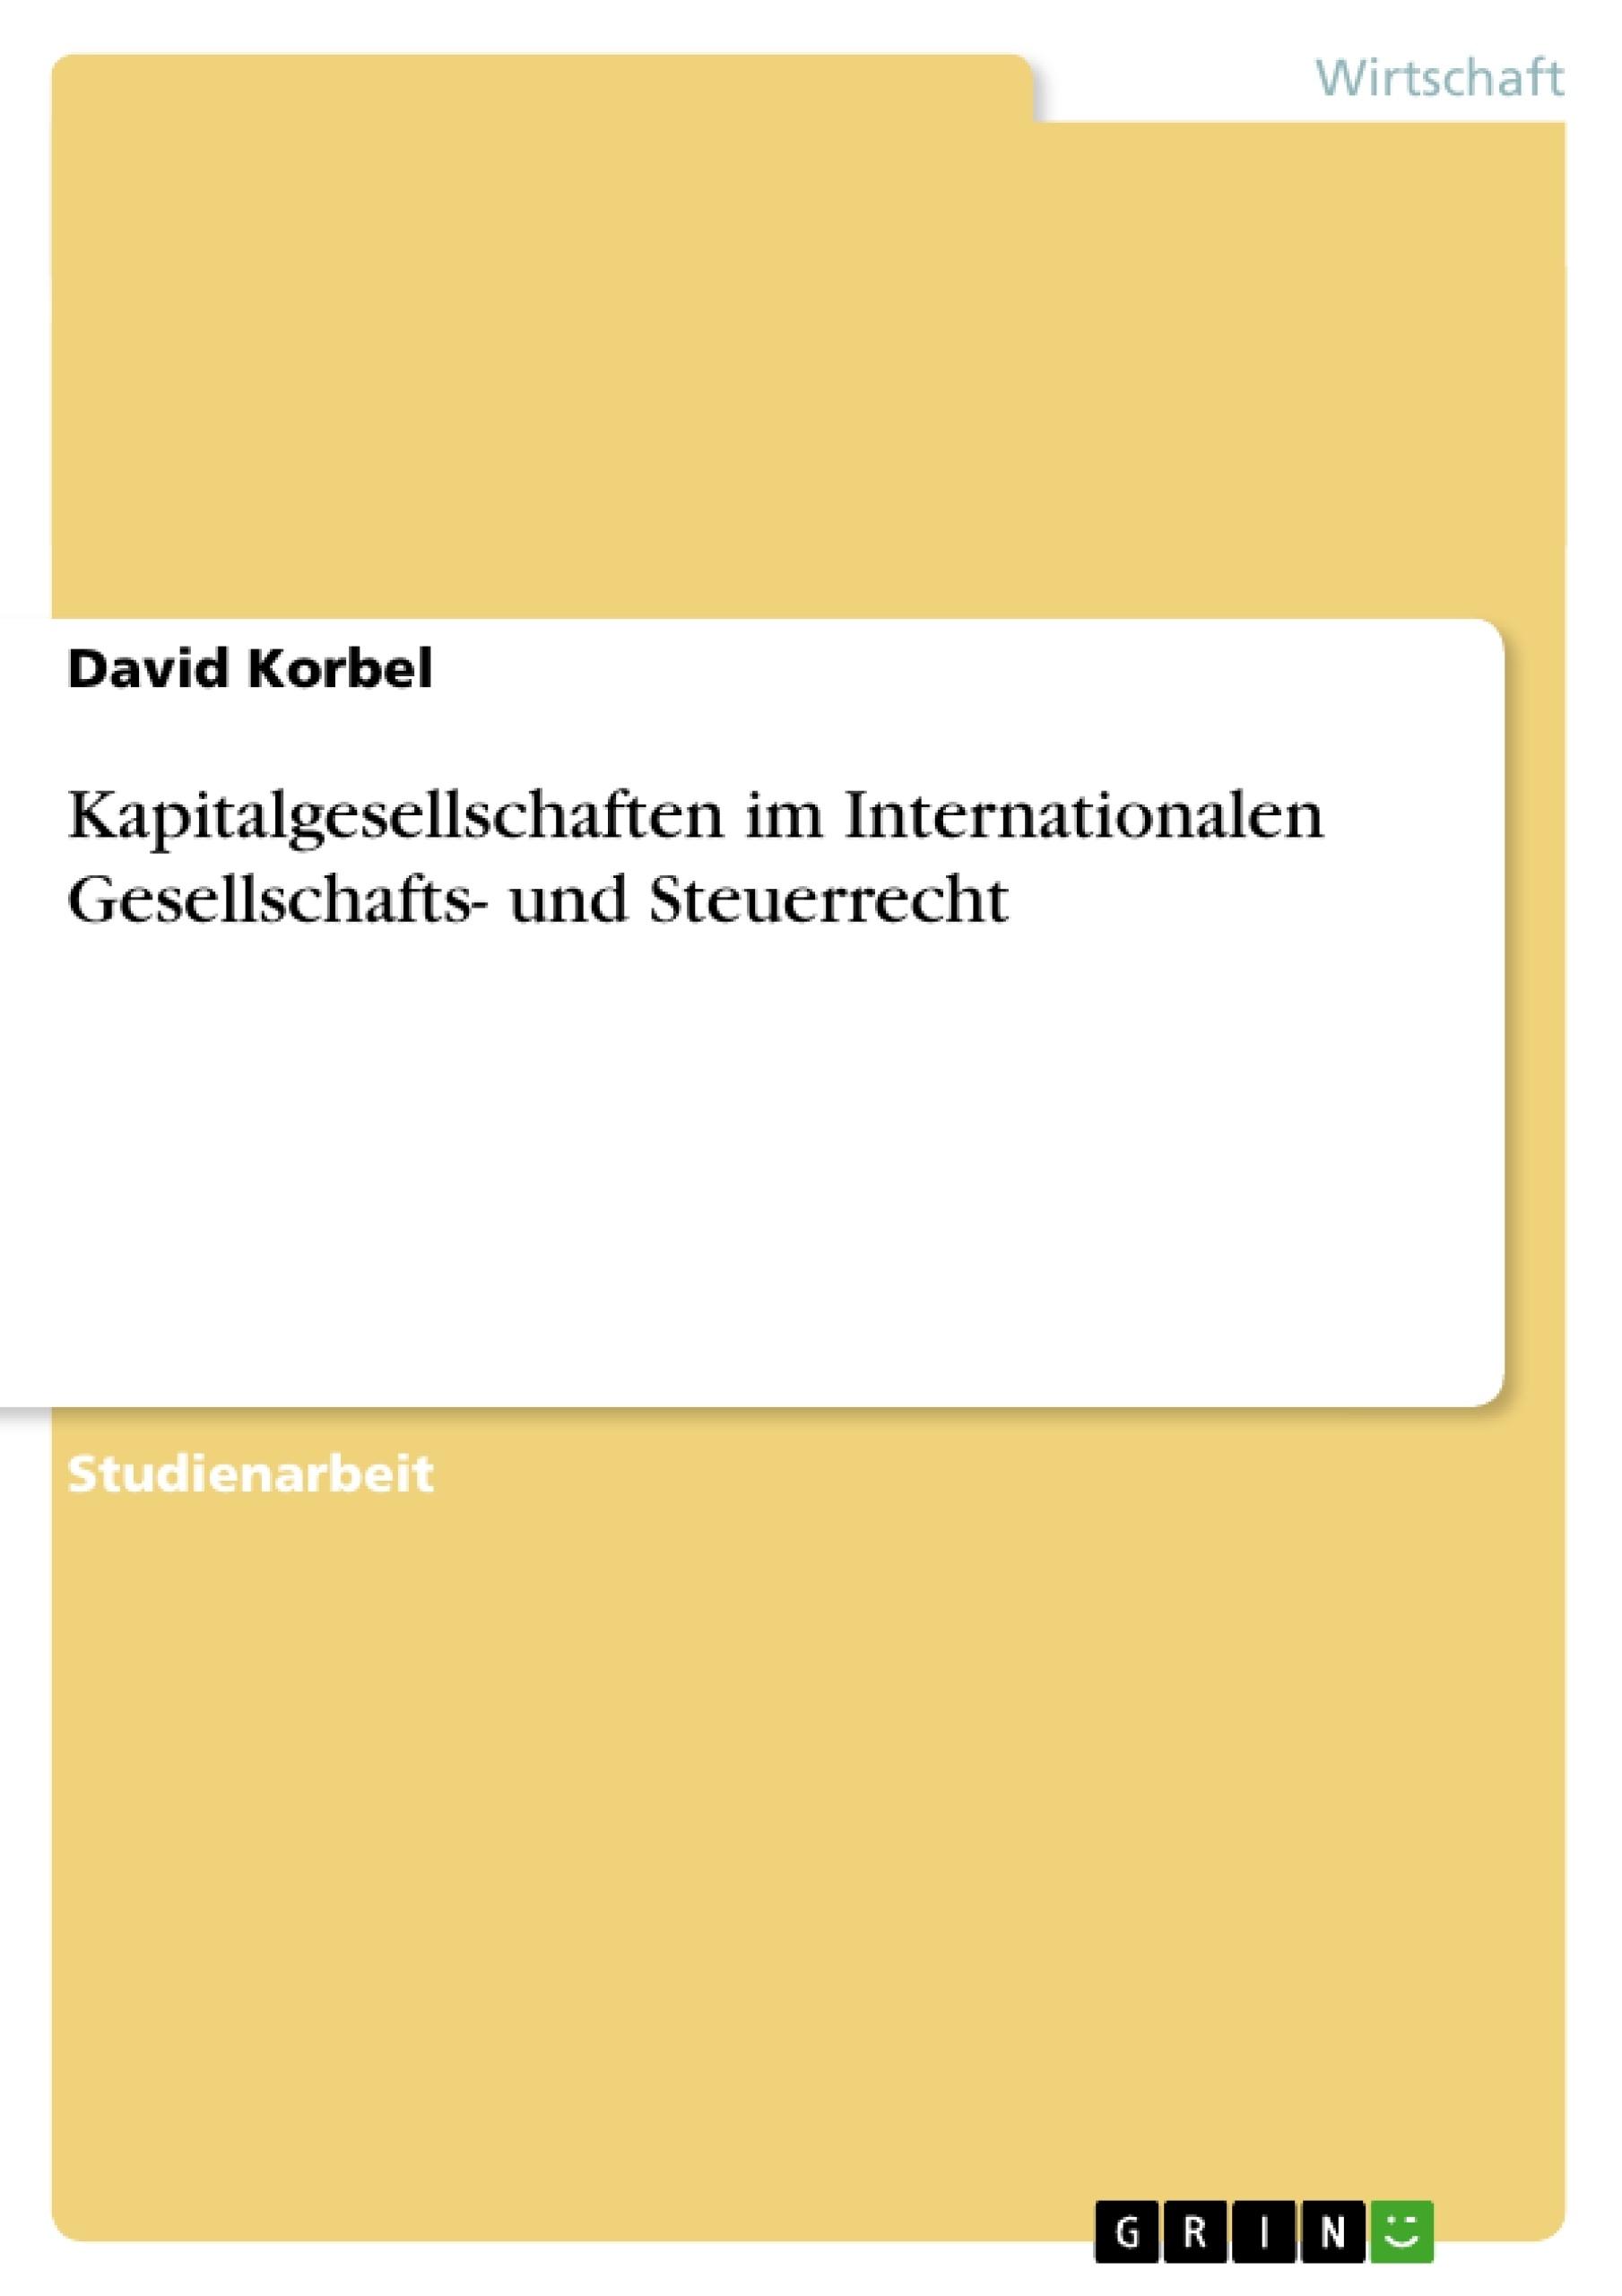 Titel: Kapitalgesellschaften im Internationalen Gesellschafts- und Steuerrecht